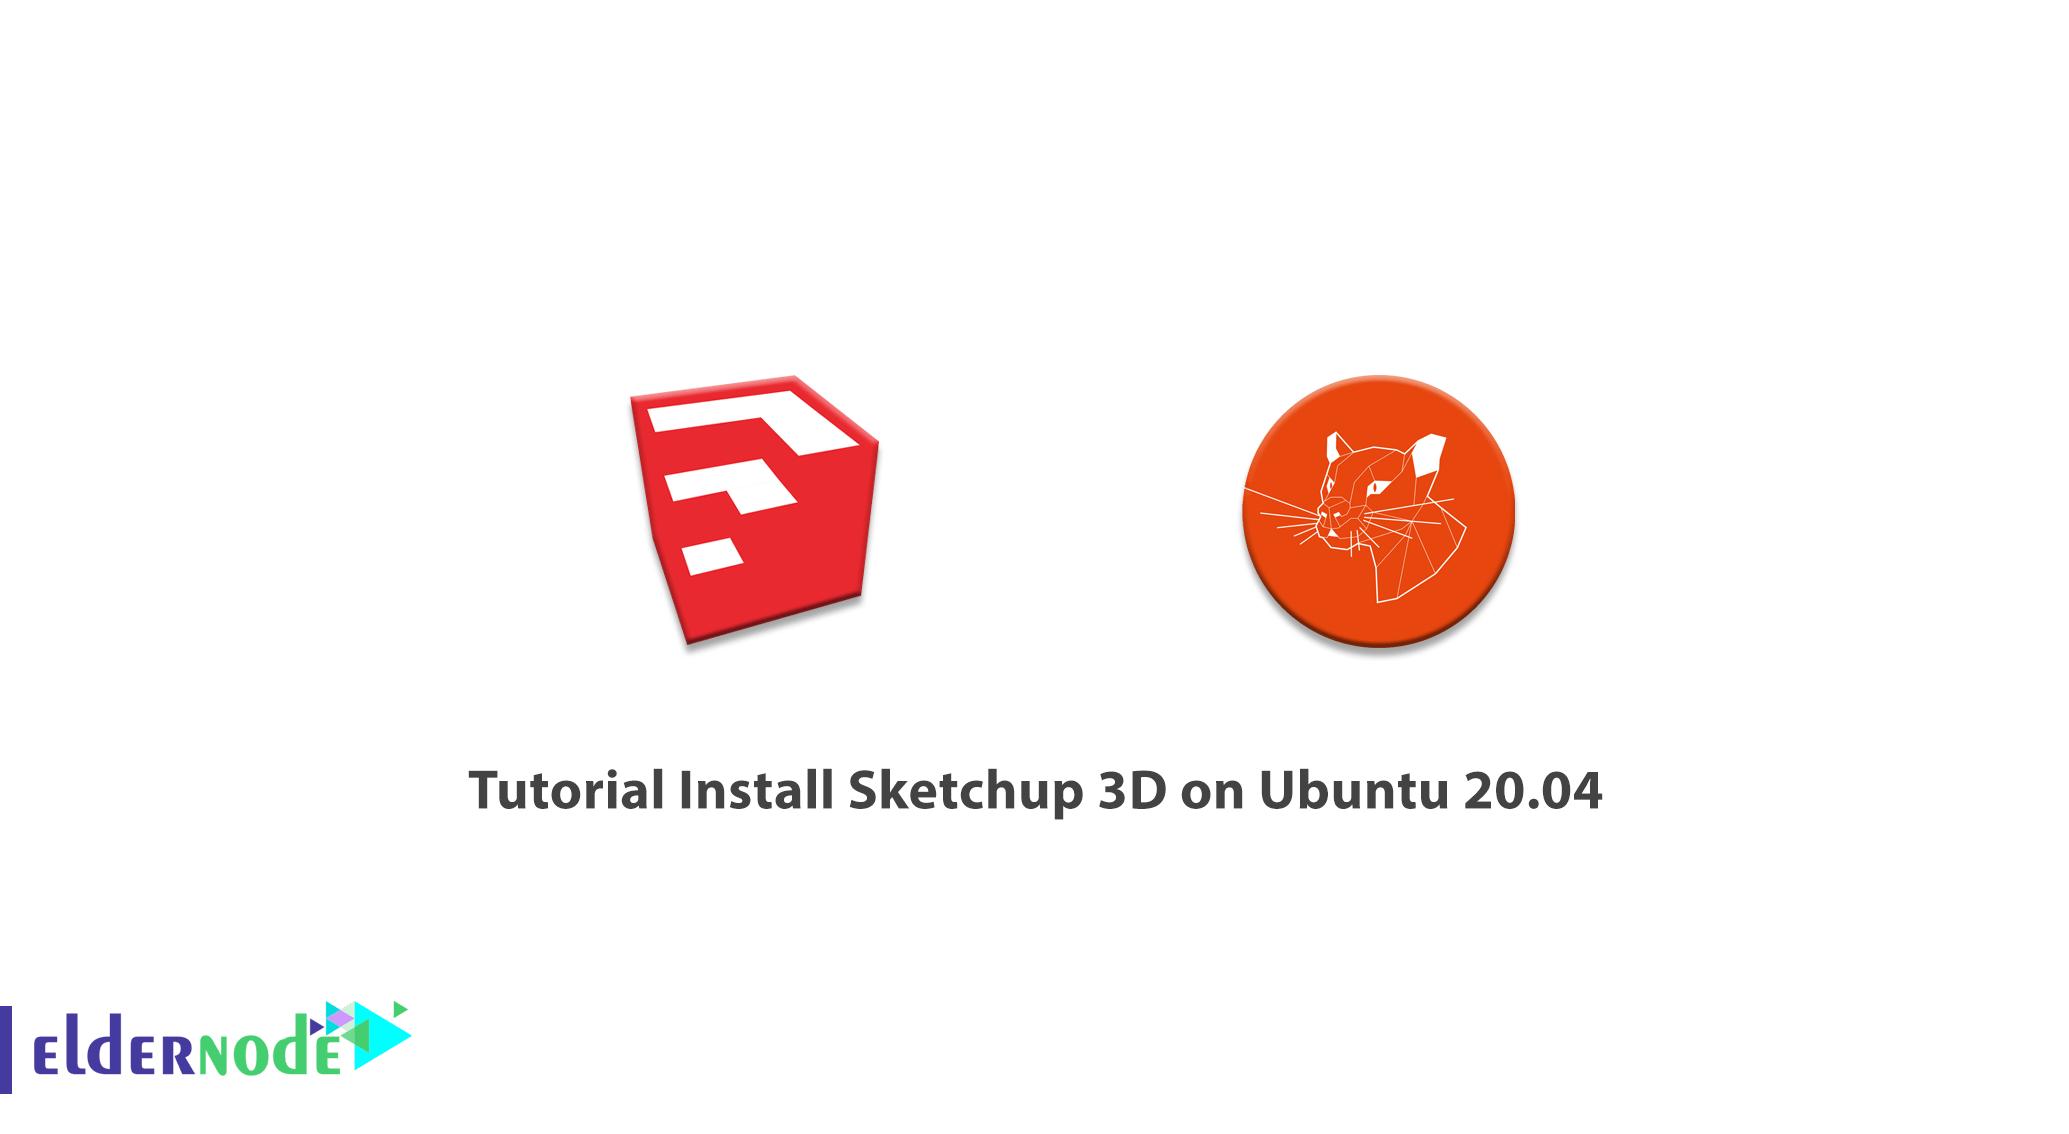 Tutorial Install Sketchup 3D on Ubuntu 20.04